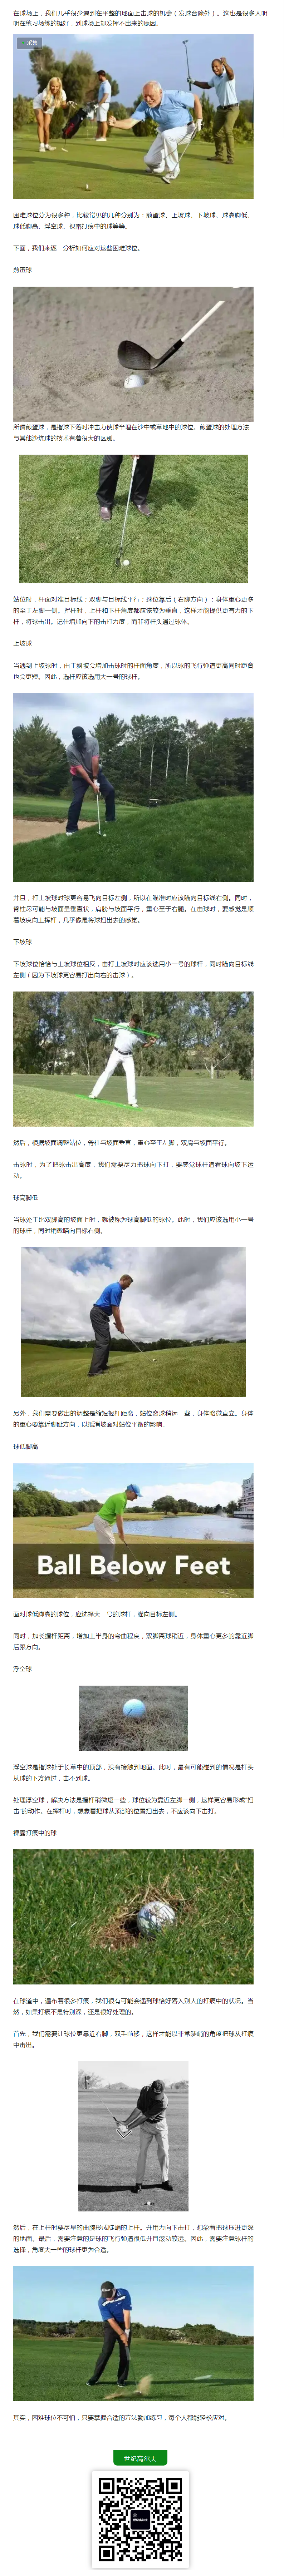 逐一攻克高尔夫困难球位,最难打的球也能轻松击出.png